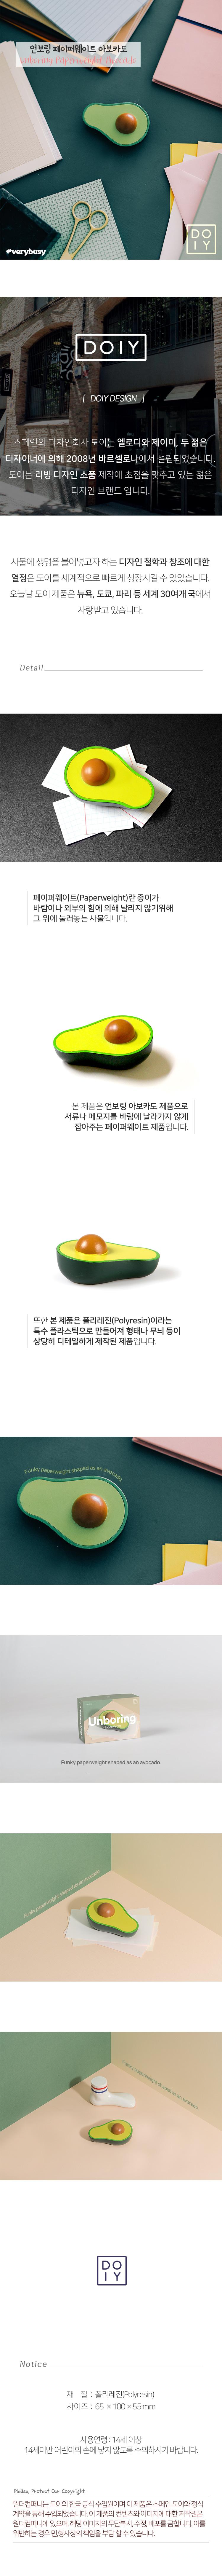 [도이] 페이퍼웨이트 문진 아보카도 - 원더스토어, 29,000원, 데스크소품, 문진/표지판/소품